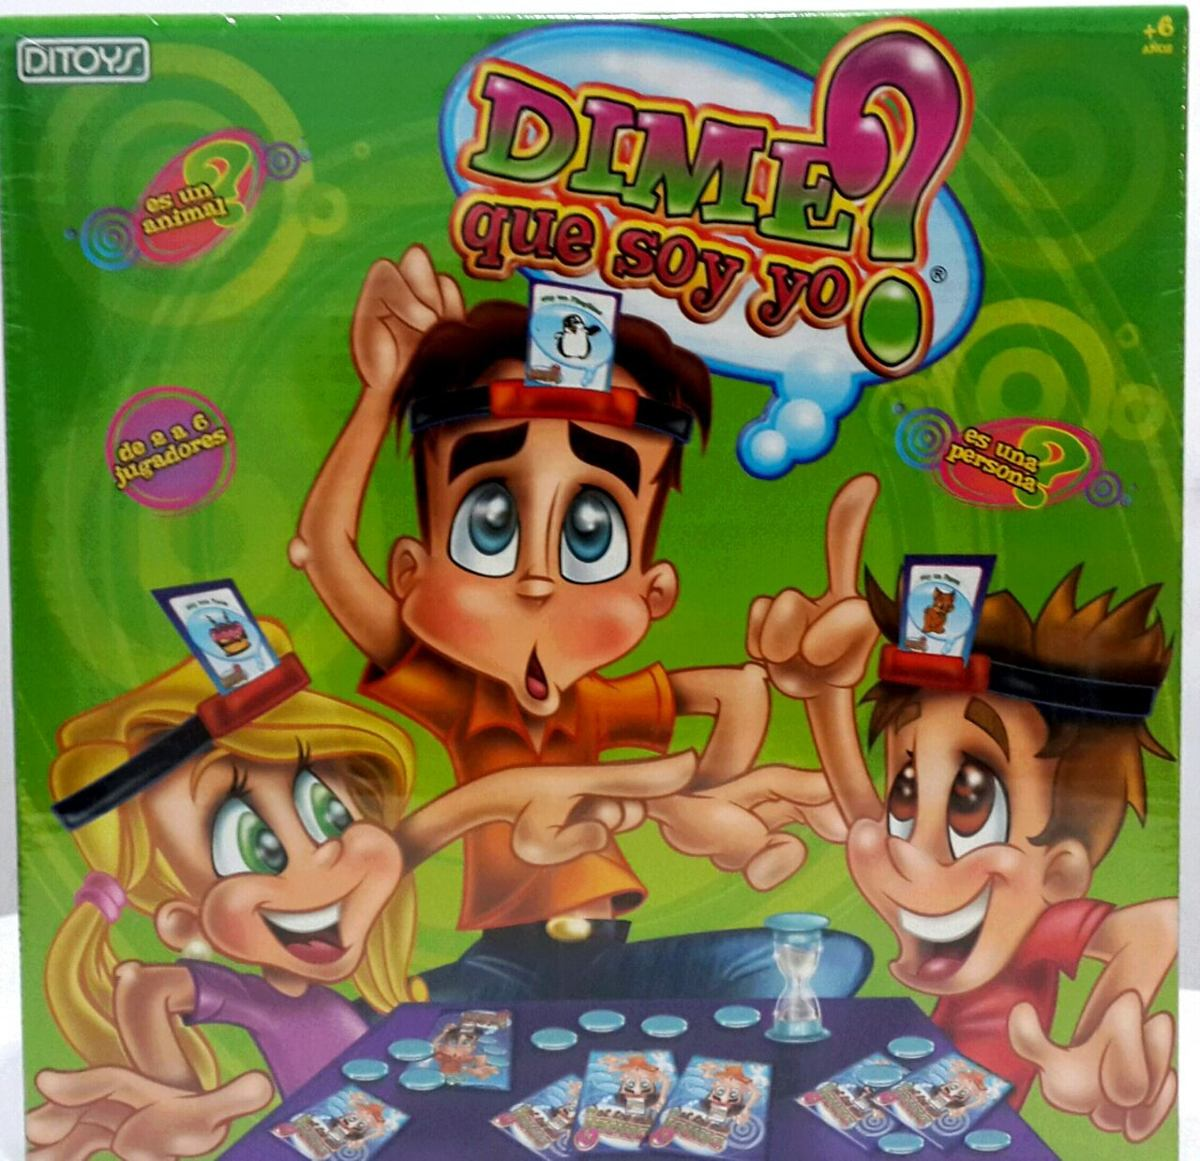 Juego De Mesa Dime Quien Soy Original De Ditoys Ramos Mejia 599